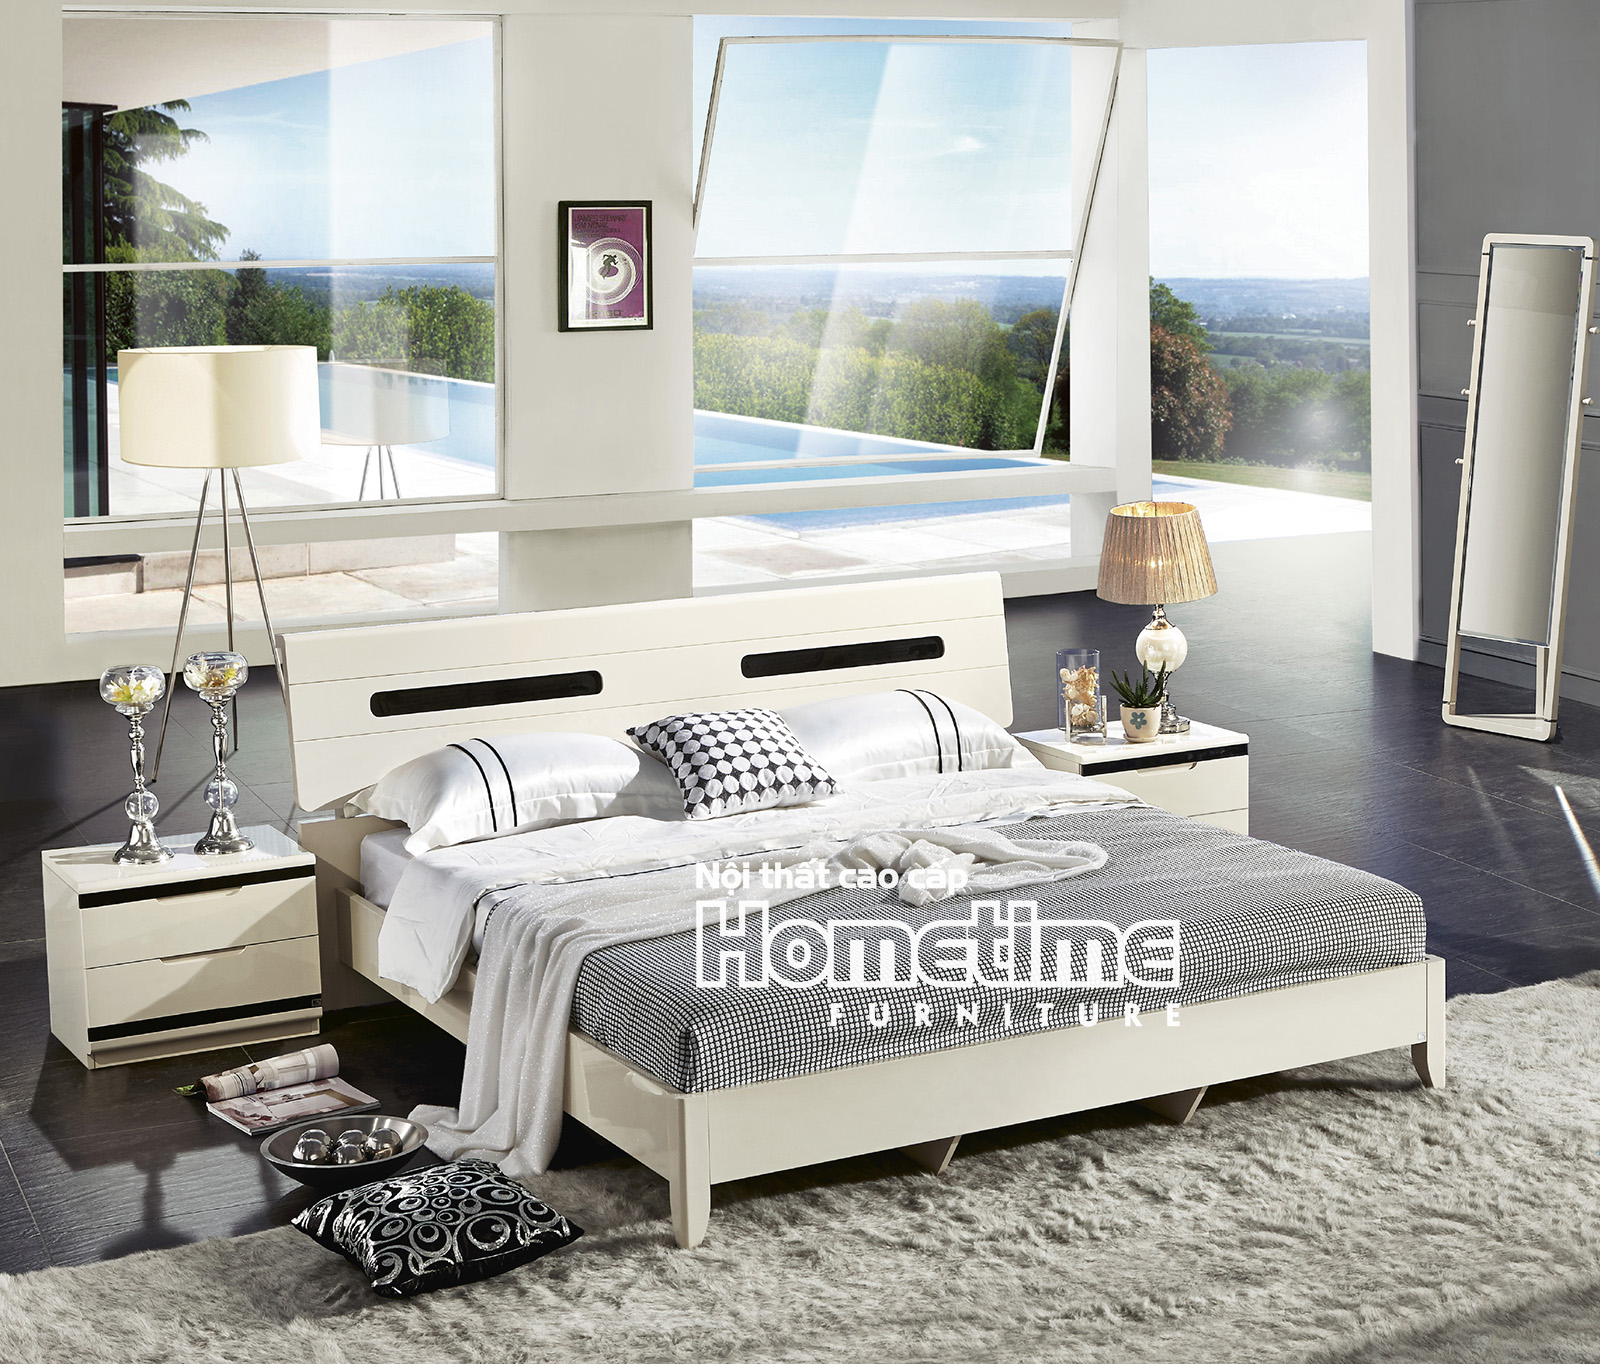 Giường ngủ nhập khẩu hiện đại tại Hải Phòng - GNK3313